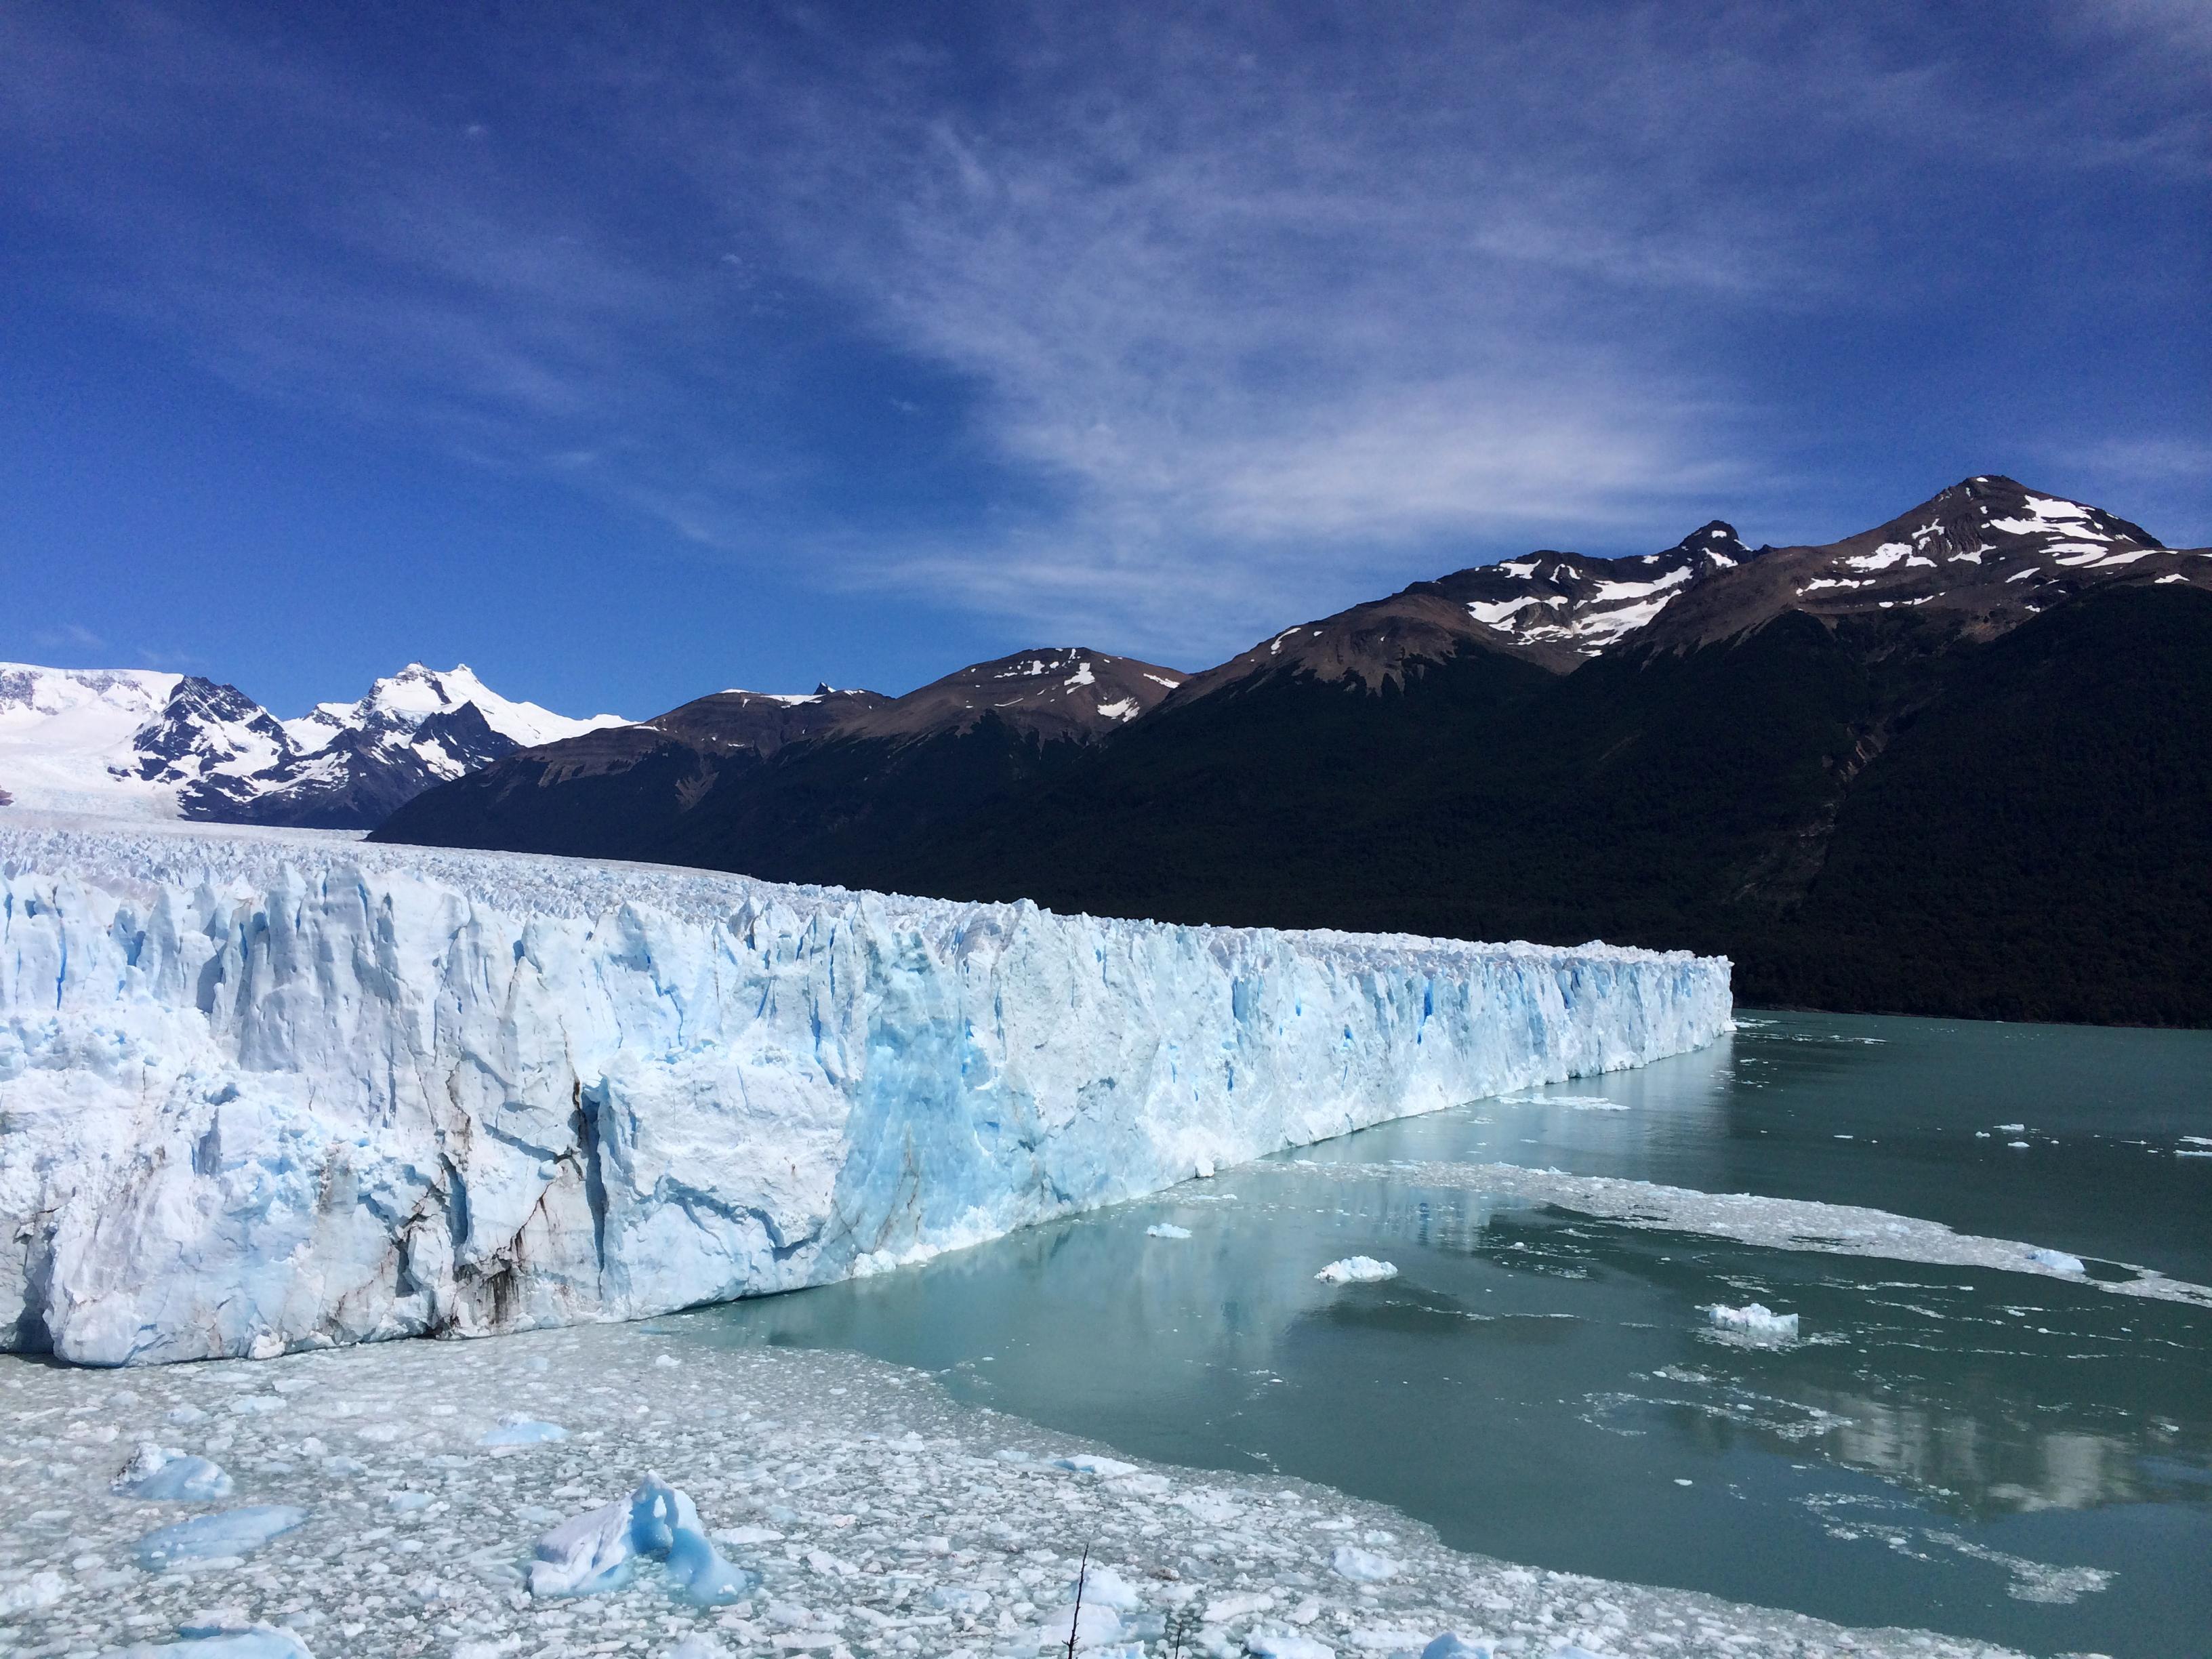 Perito Moreno Glacier | Photo by Wilson Carletti (All Rights Reserved)